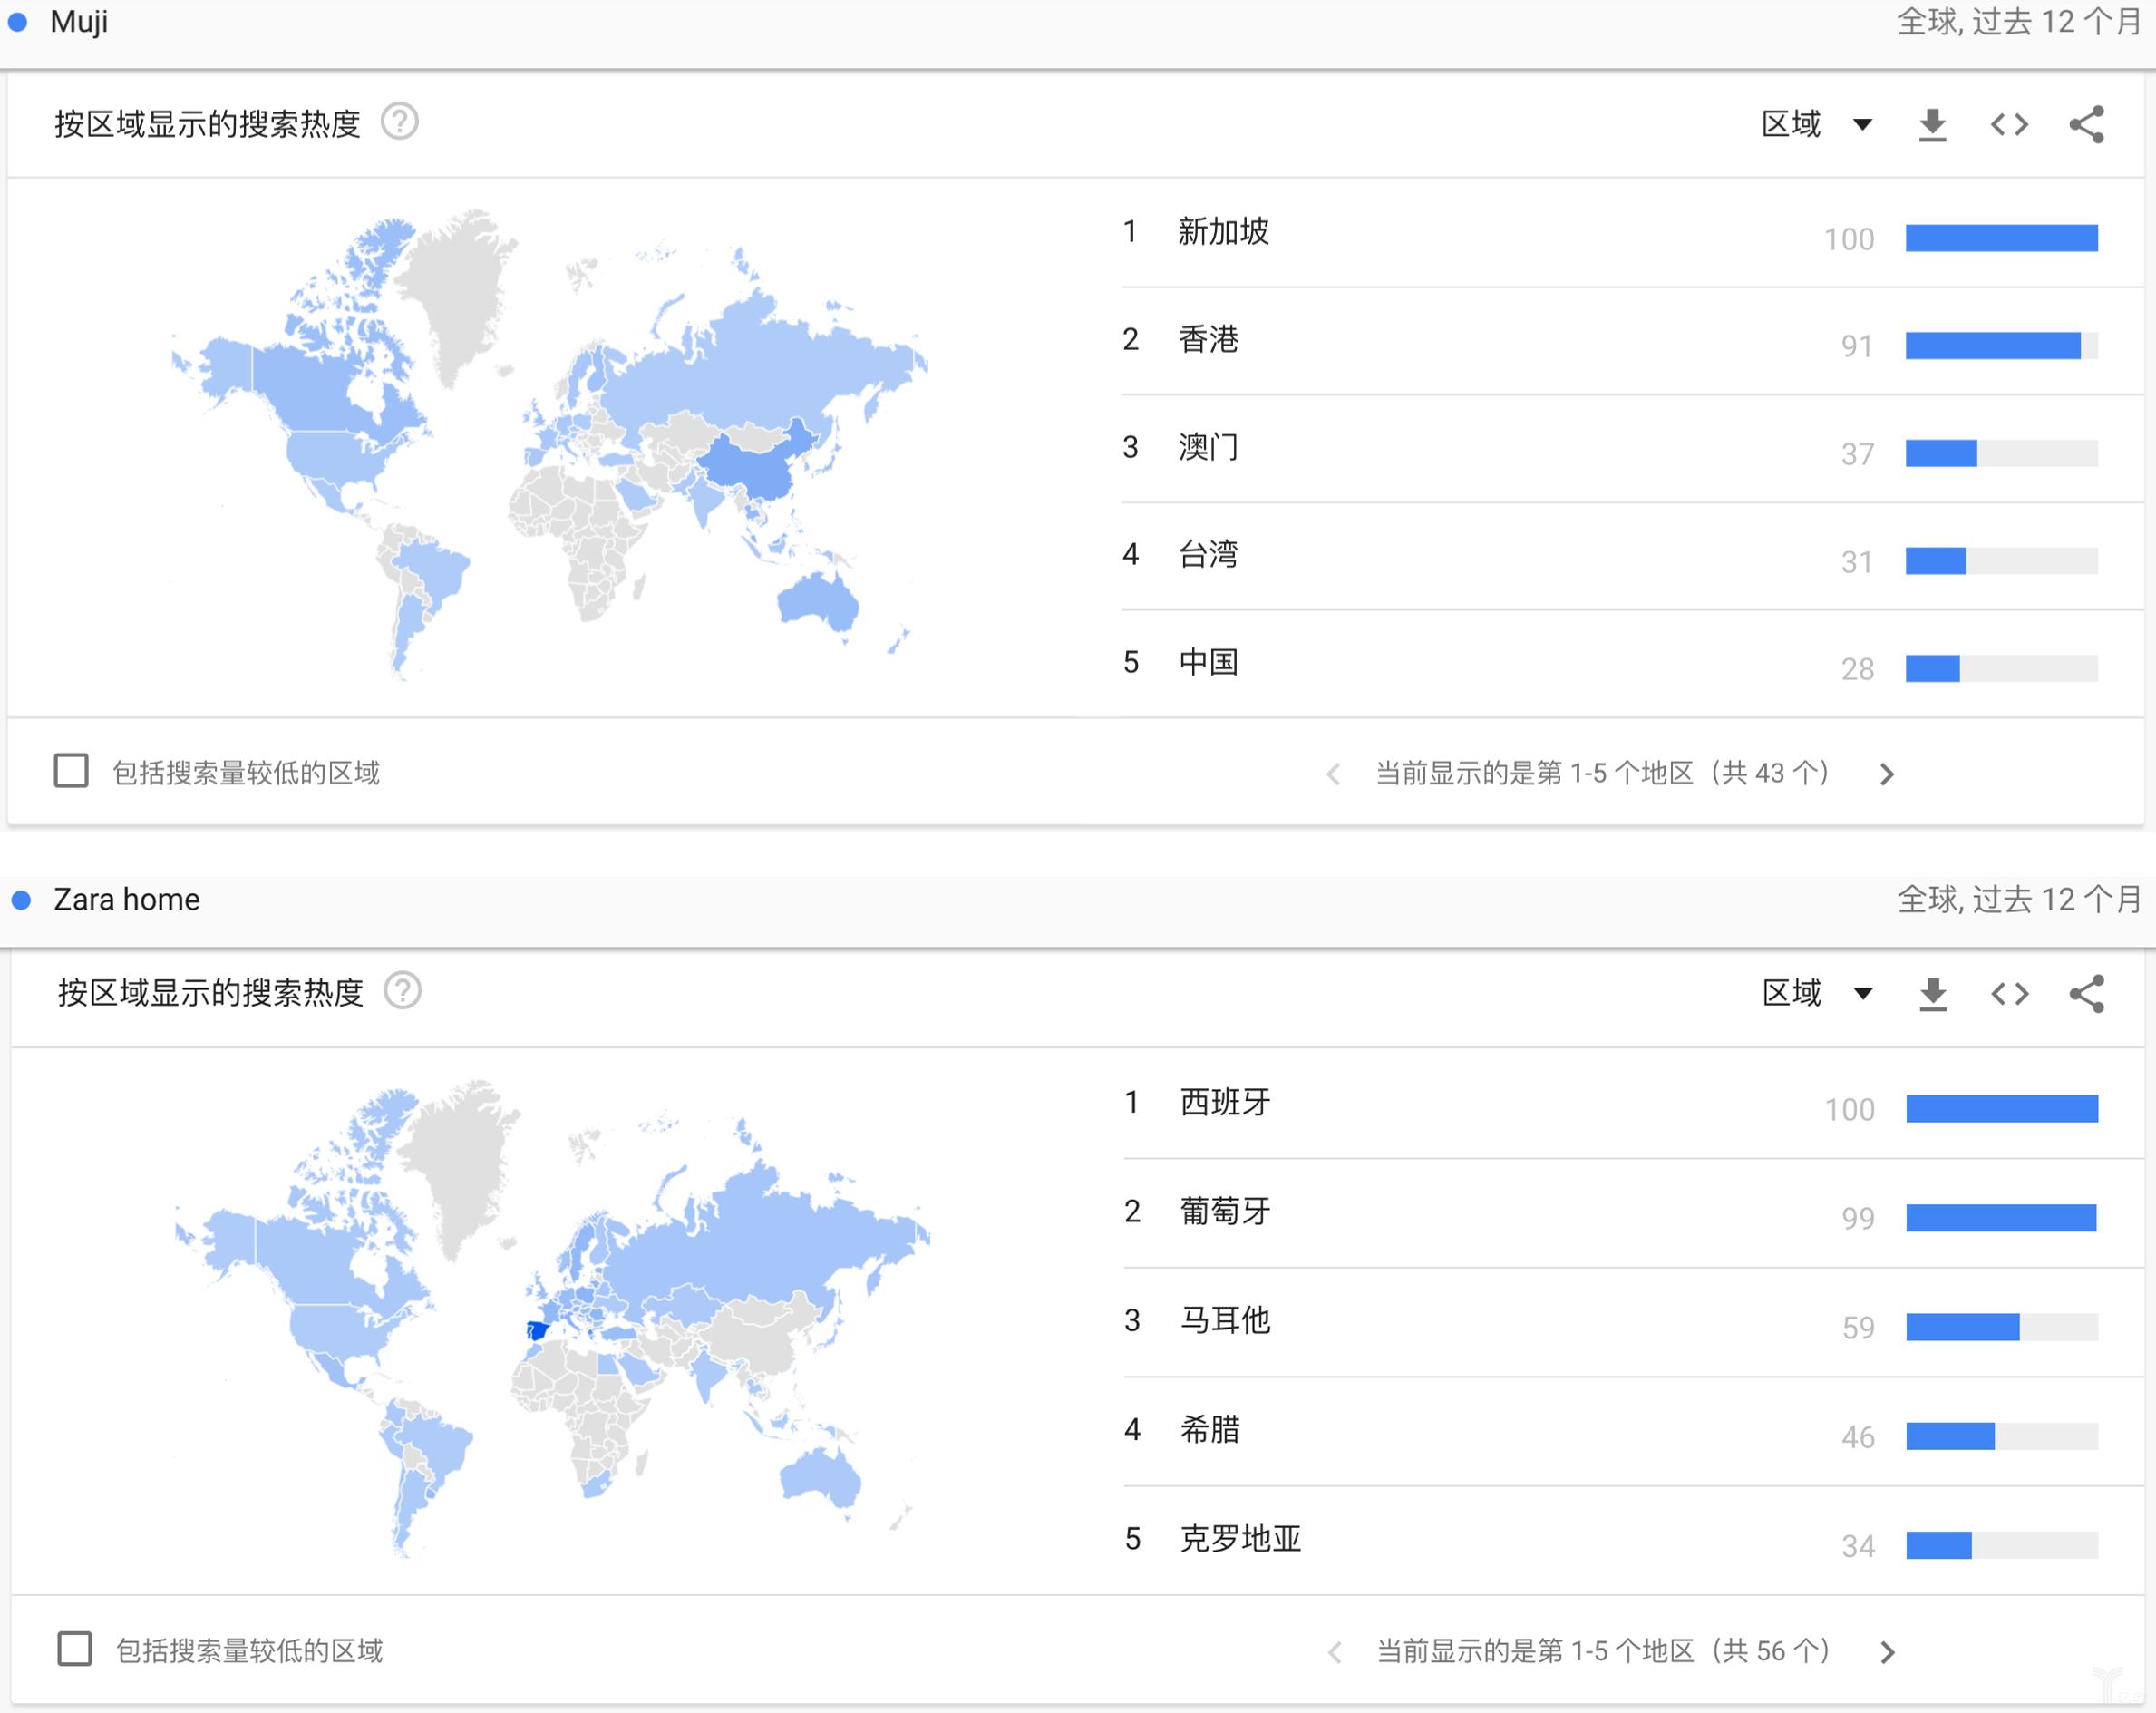 无印良品与ZARA HOME的搜索频次、区域分布